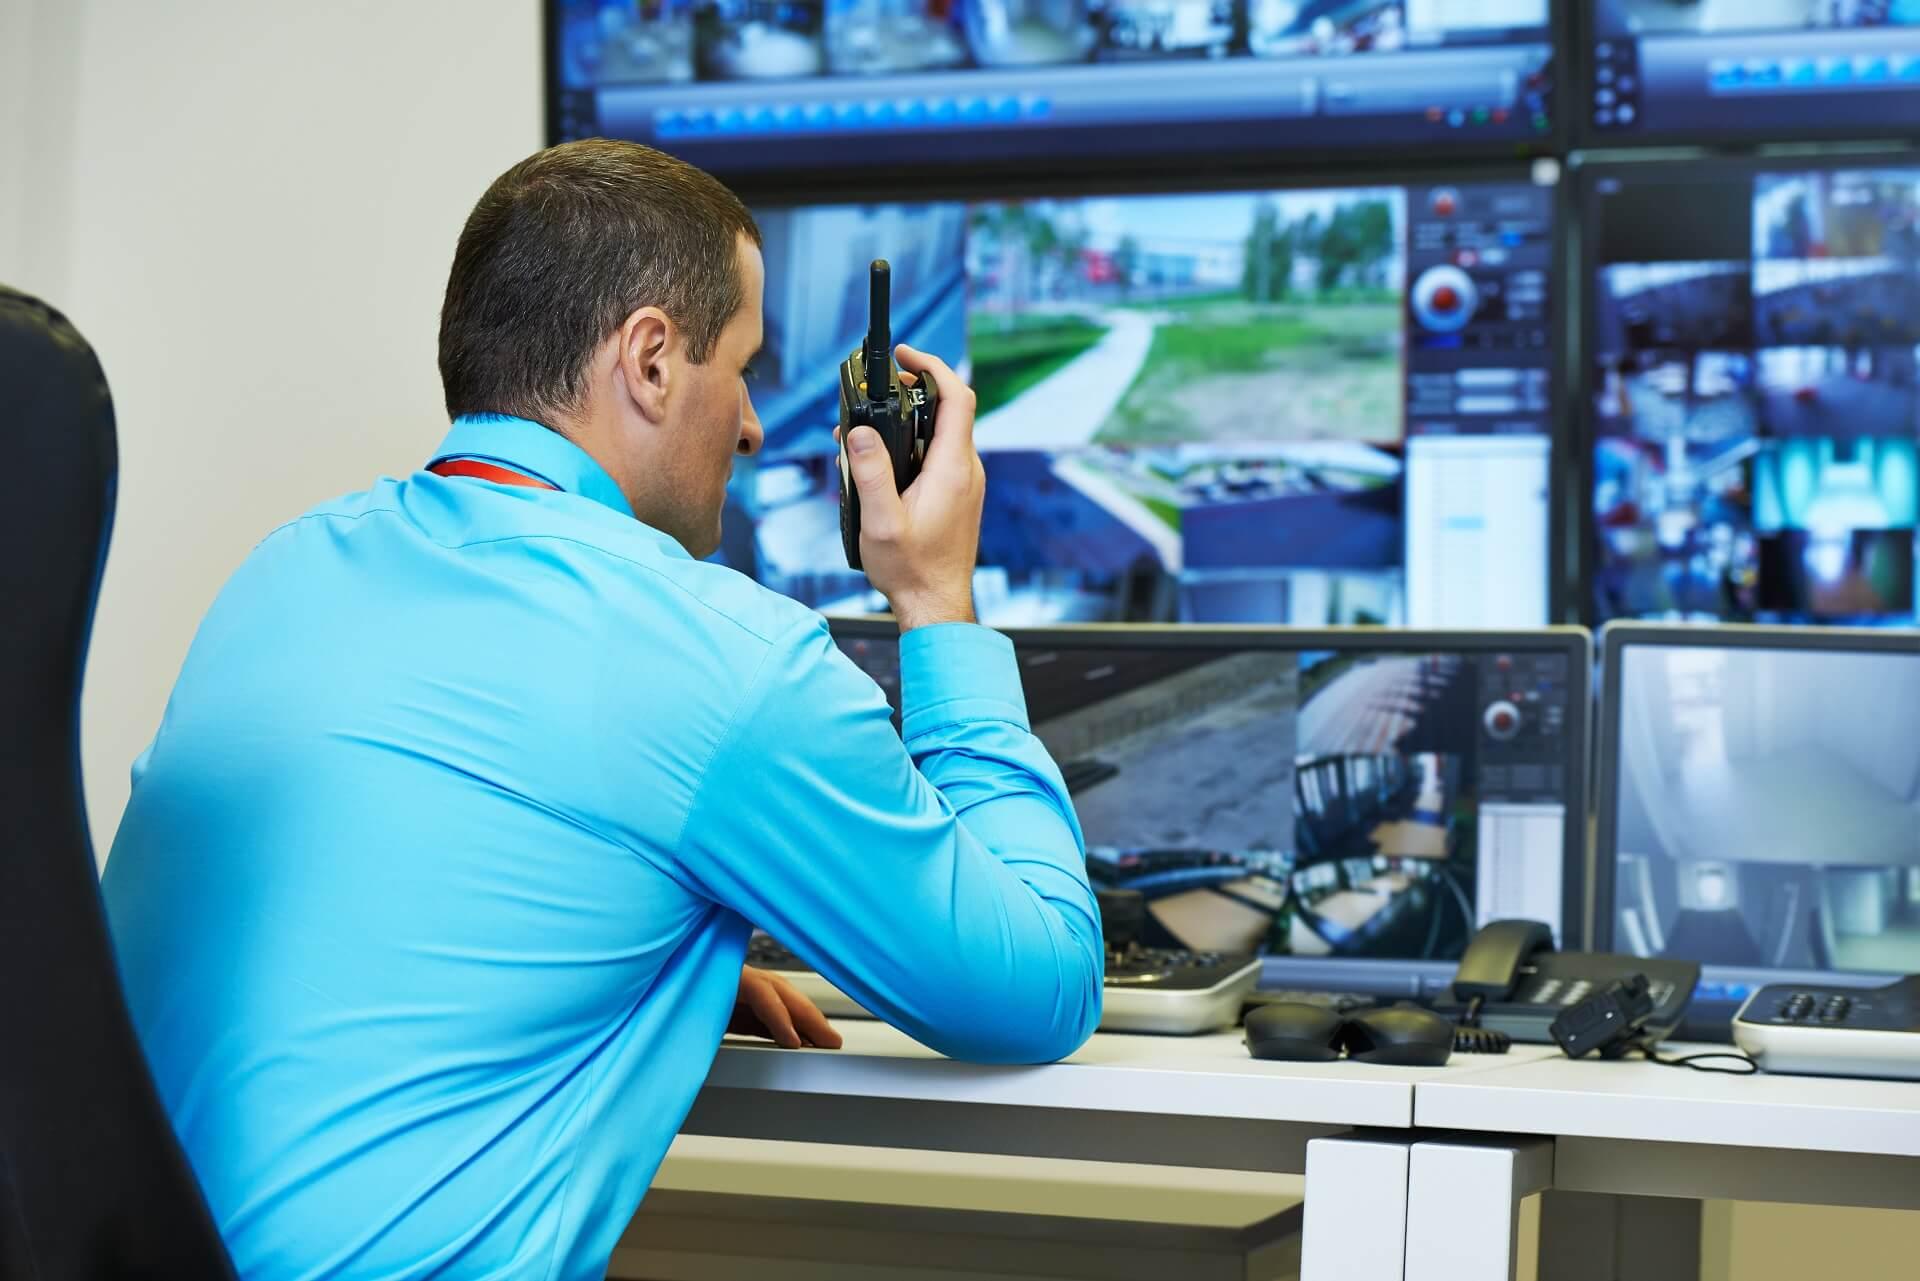 охоронно-юридична фірма Гепард - пультова охорона установка сигналізації, відеоспостереження, систем доступу